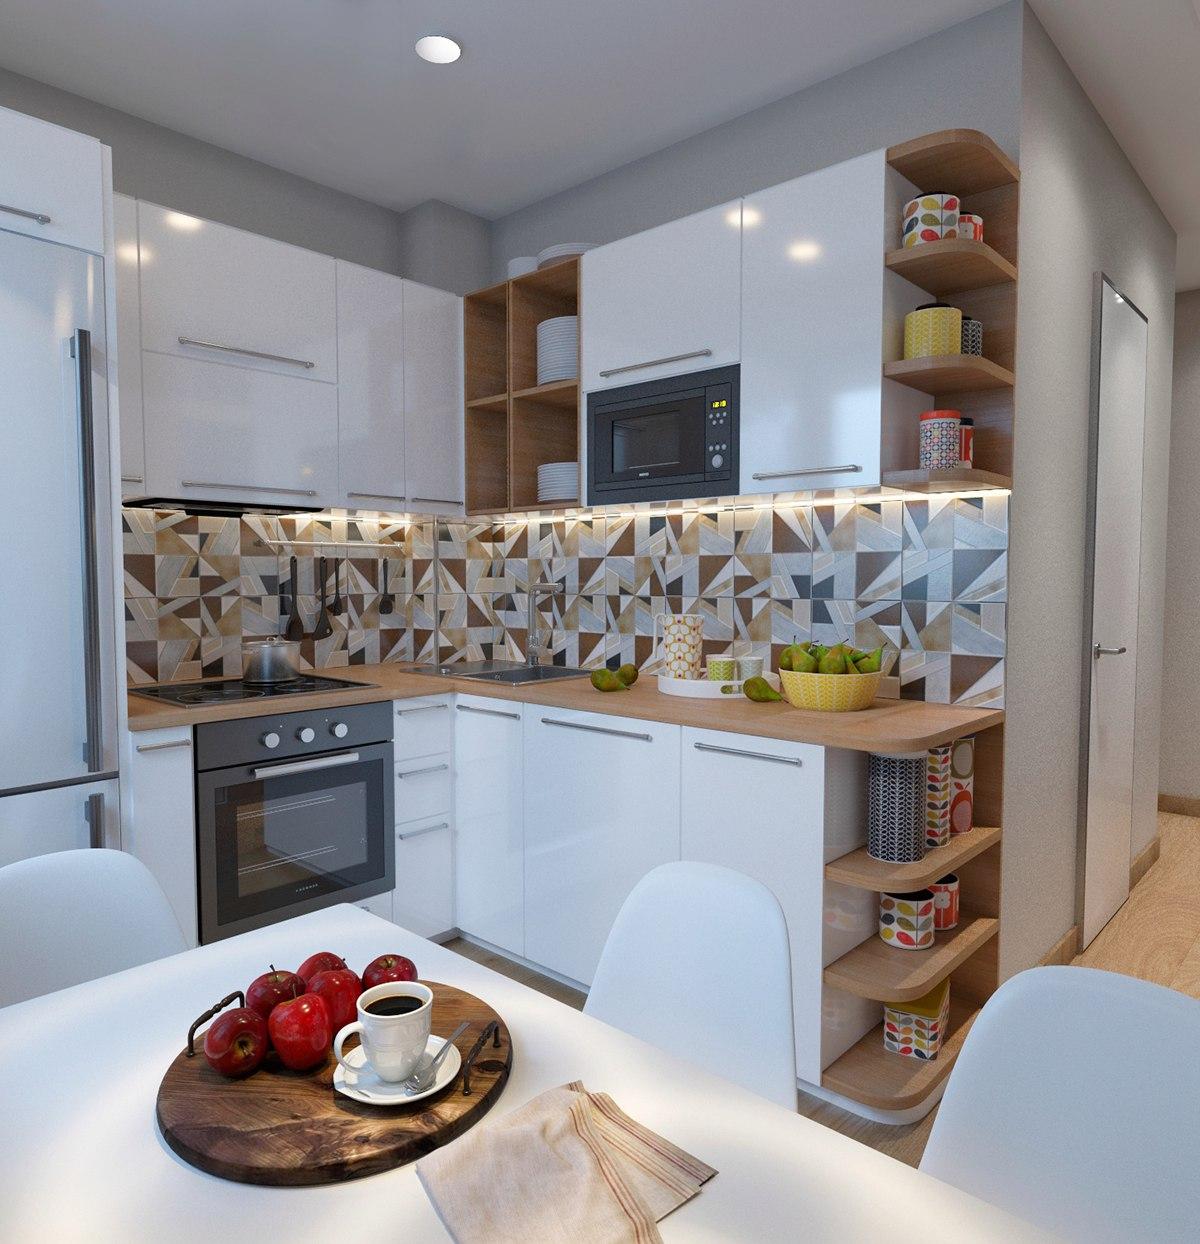 дизайн низкой кухни фото стен, сложенных